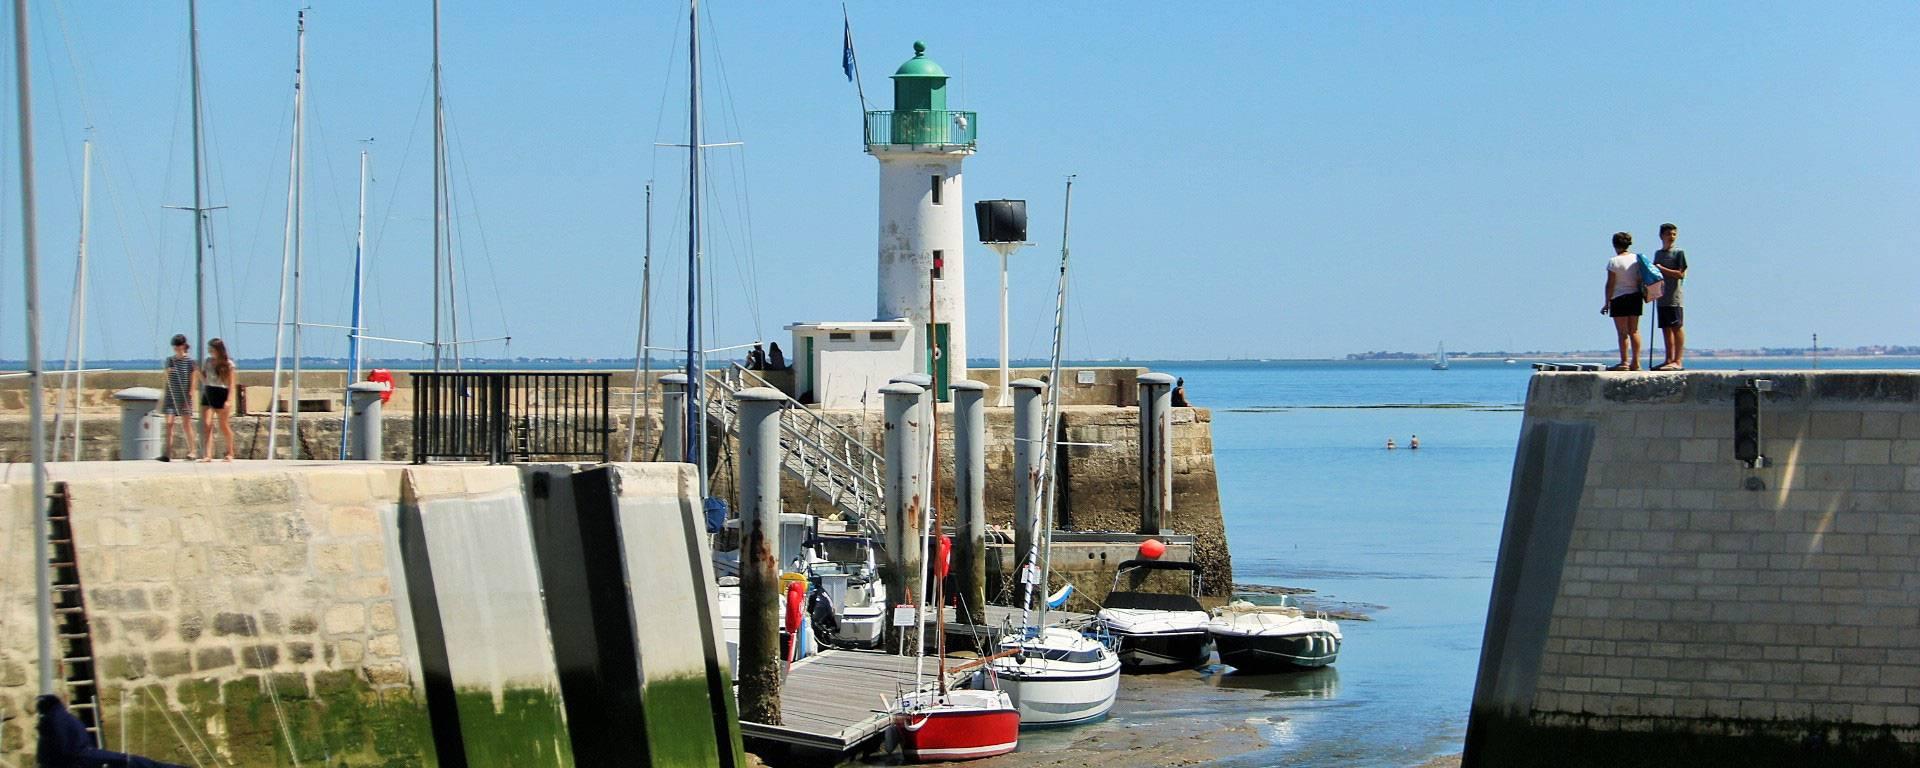 le port de la Flotte par @Lesley-Williamson